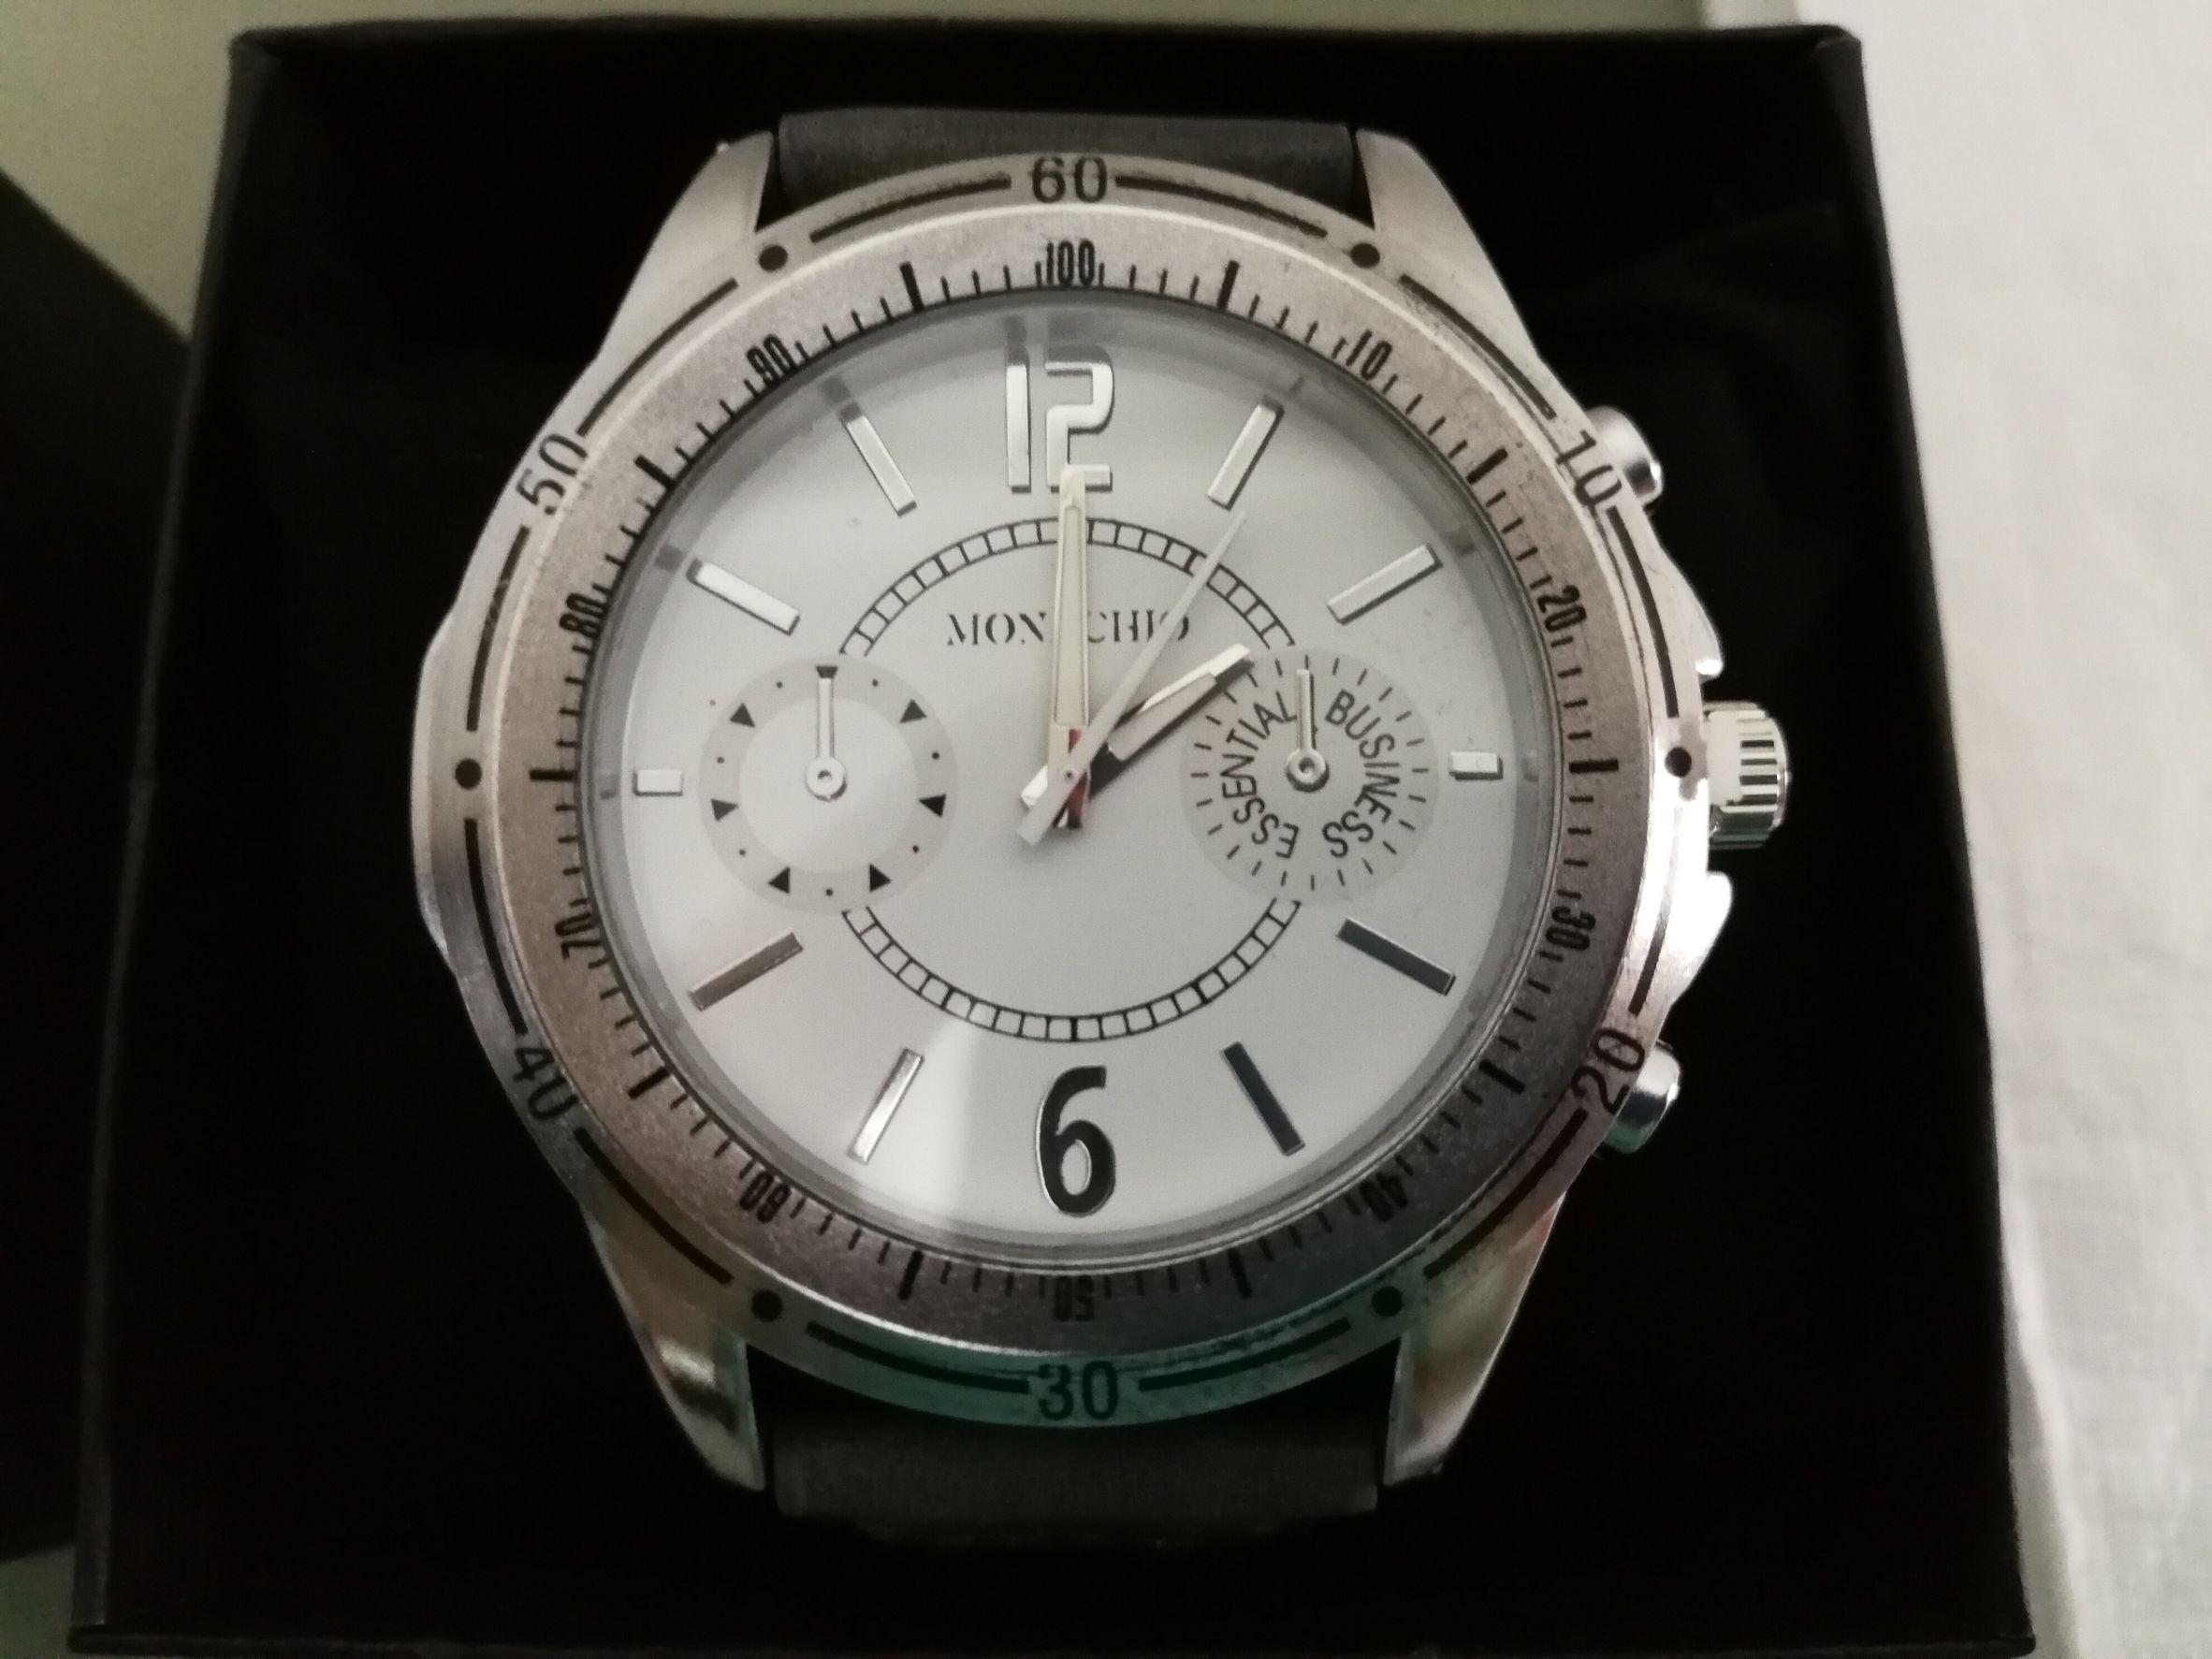 นาฬิกาข้อมือ Monachio